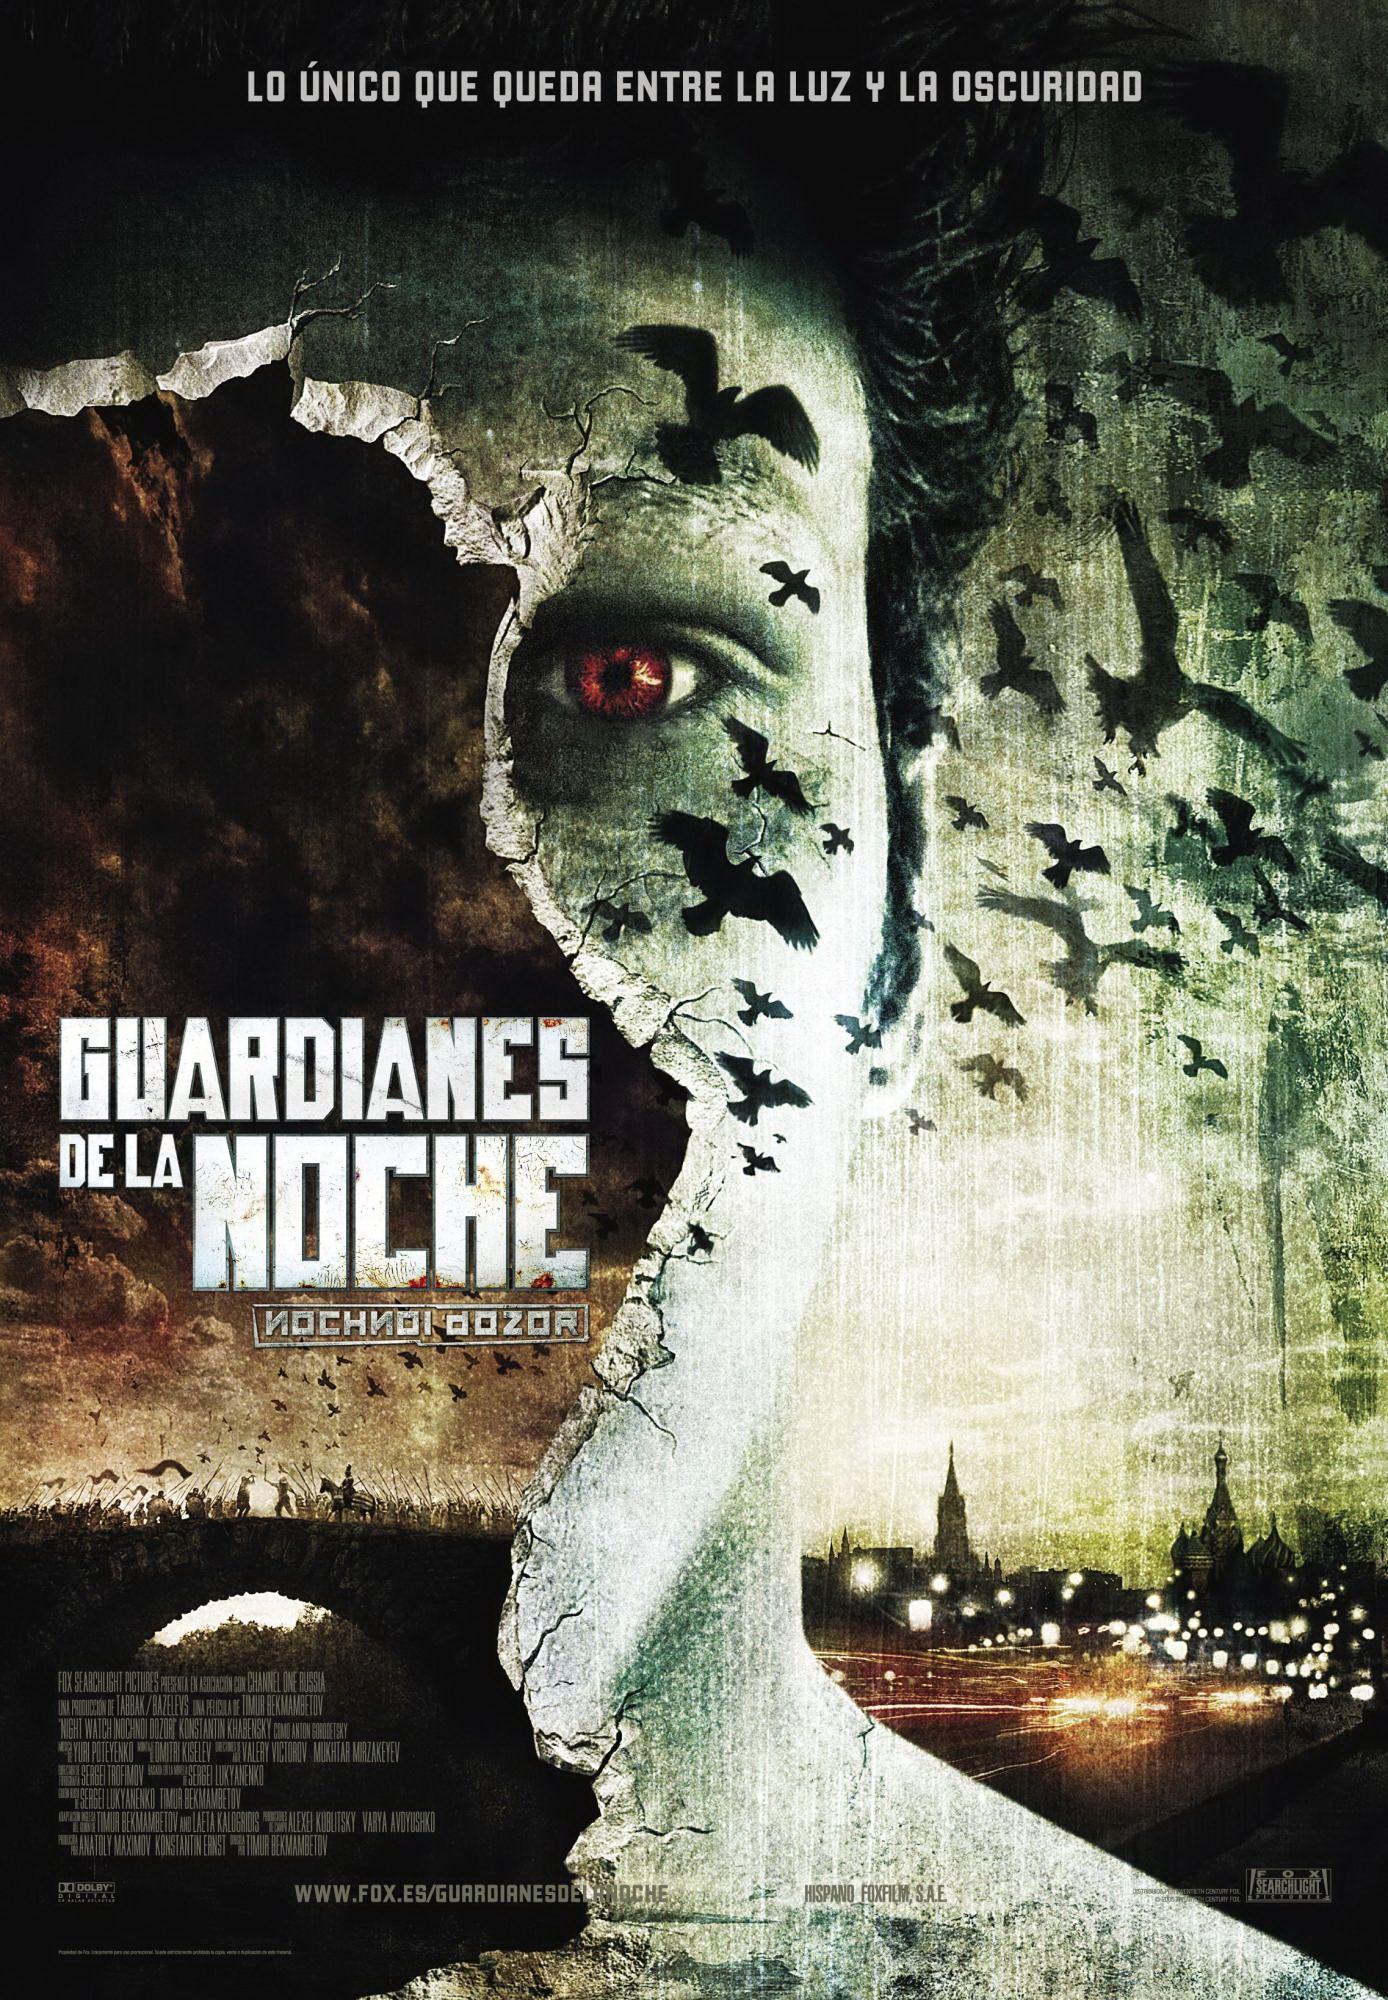 2004 Guardianes De La Noche Nochnoi Dozor Tt0403358 Peliculas Fantasia Peliculas De Miedo Carteles De Cine